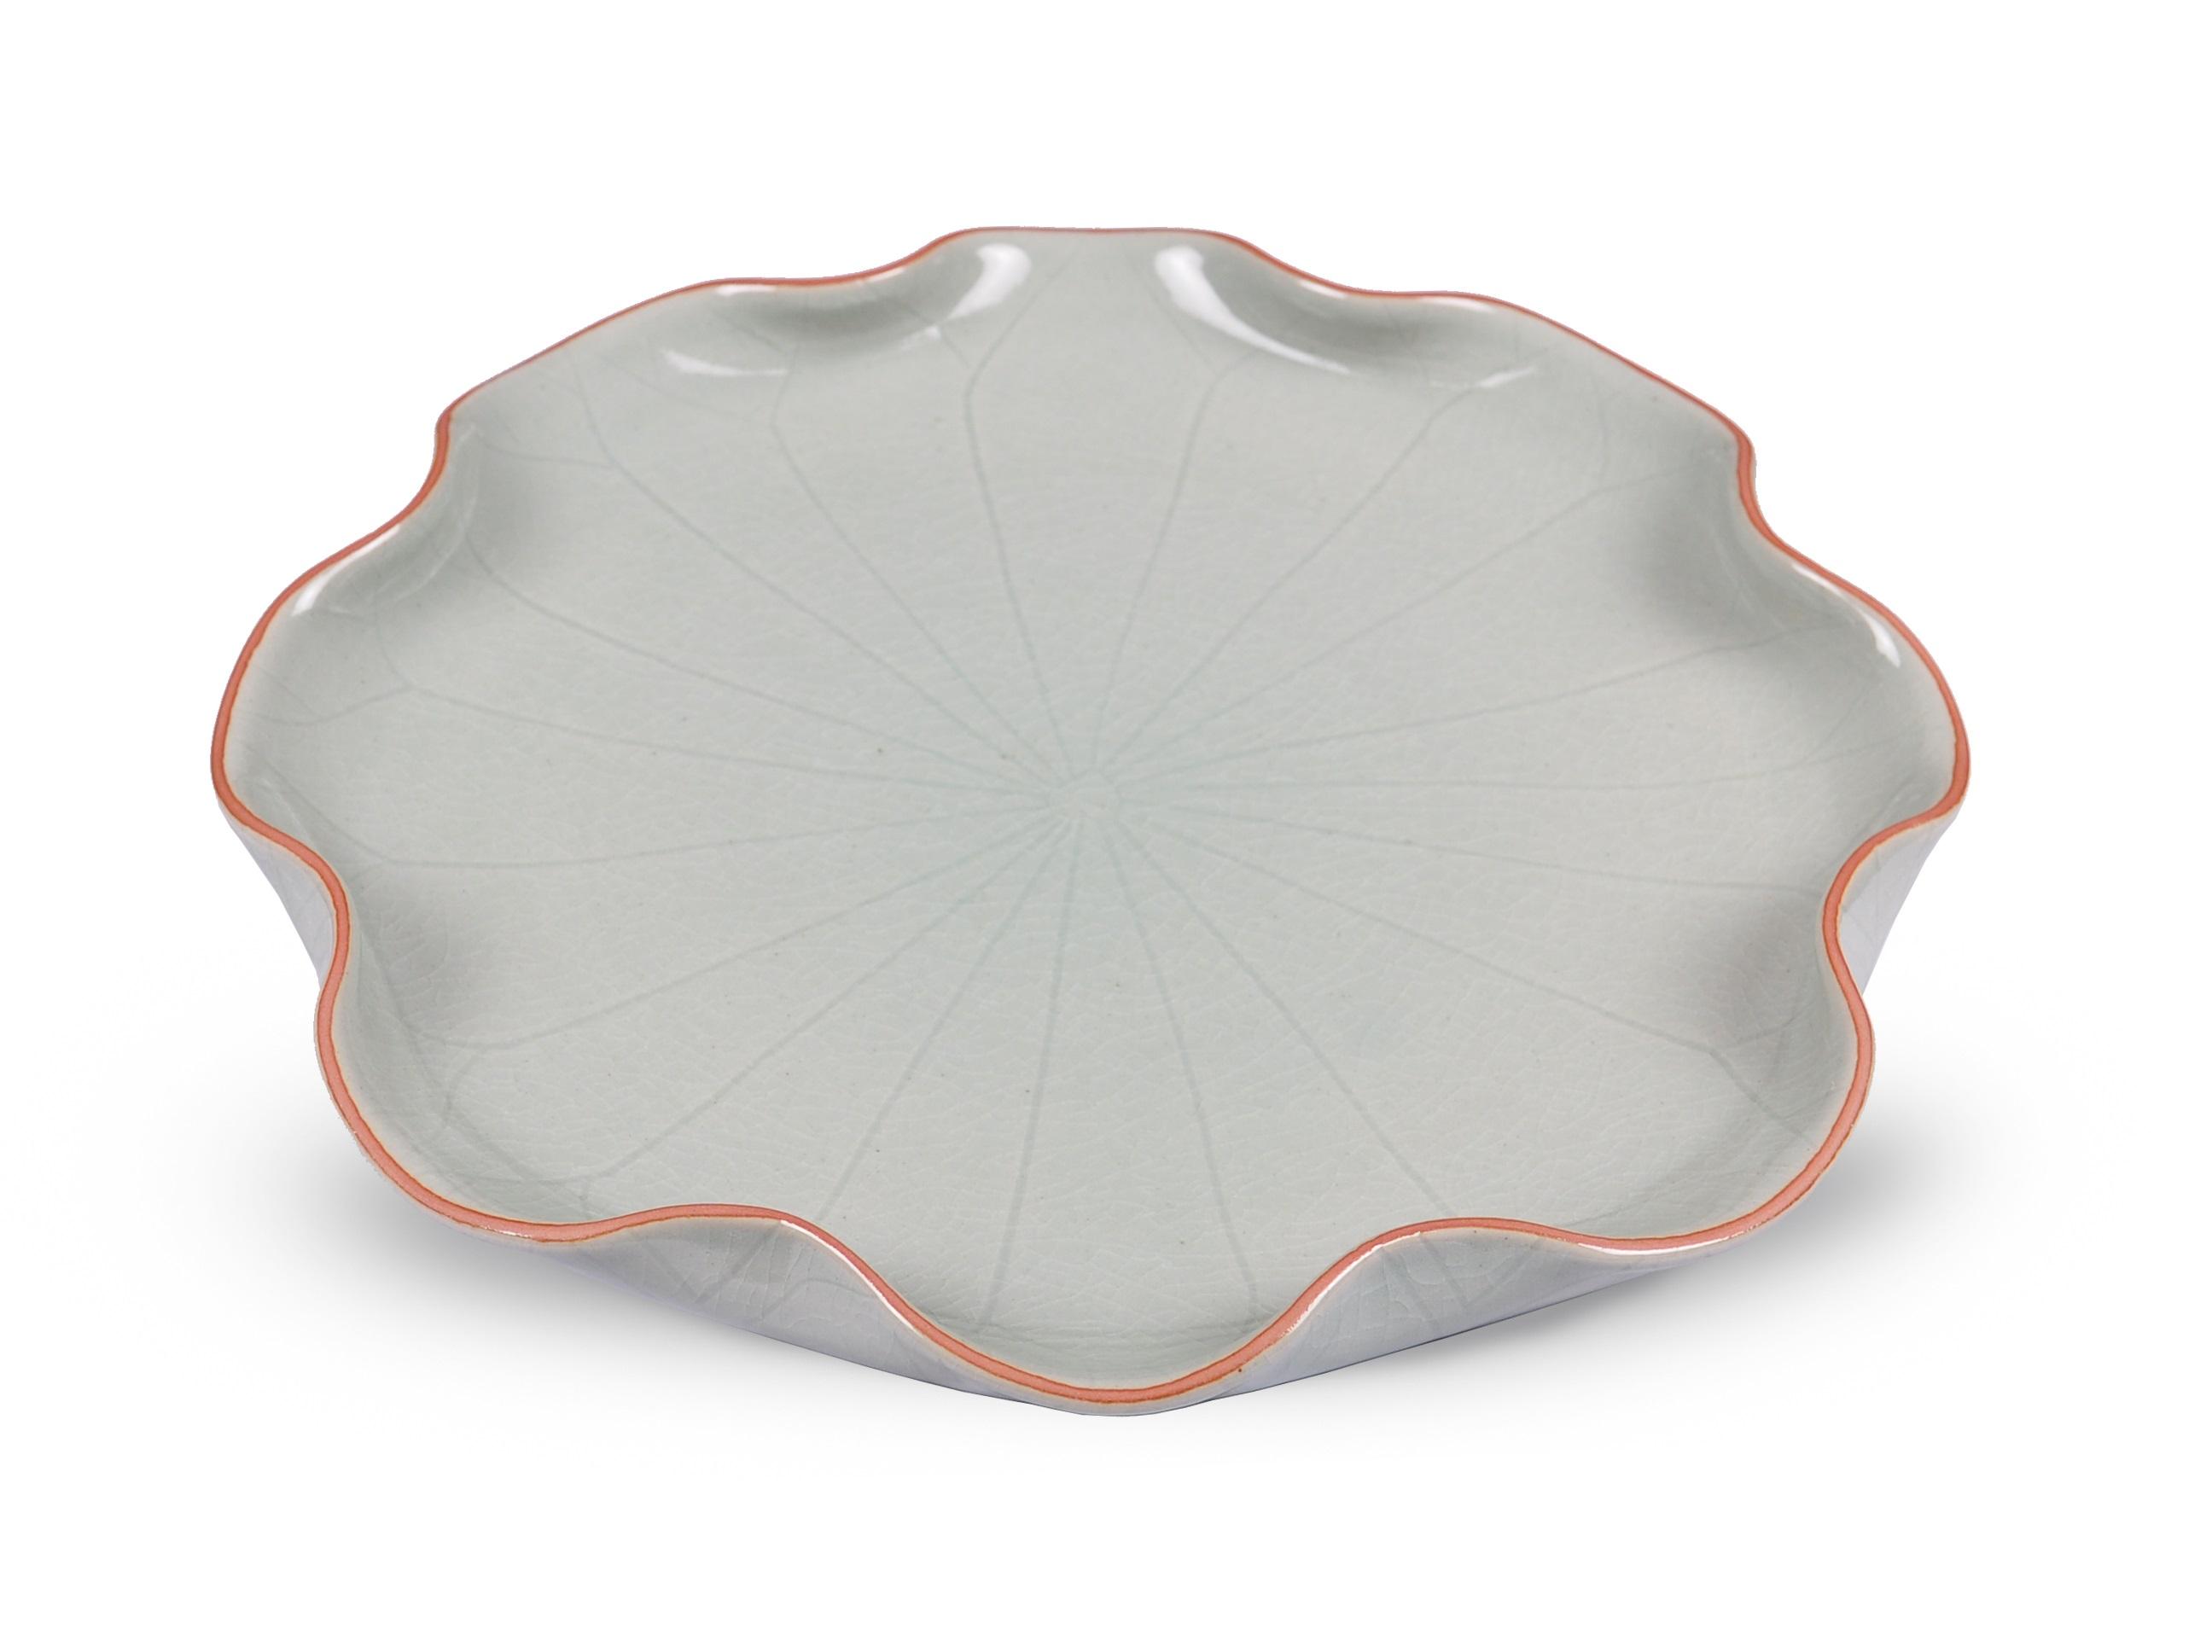 Тарелка в виде листа лотоса